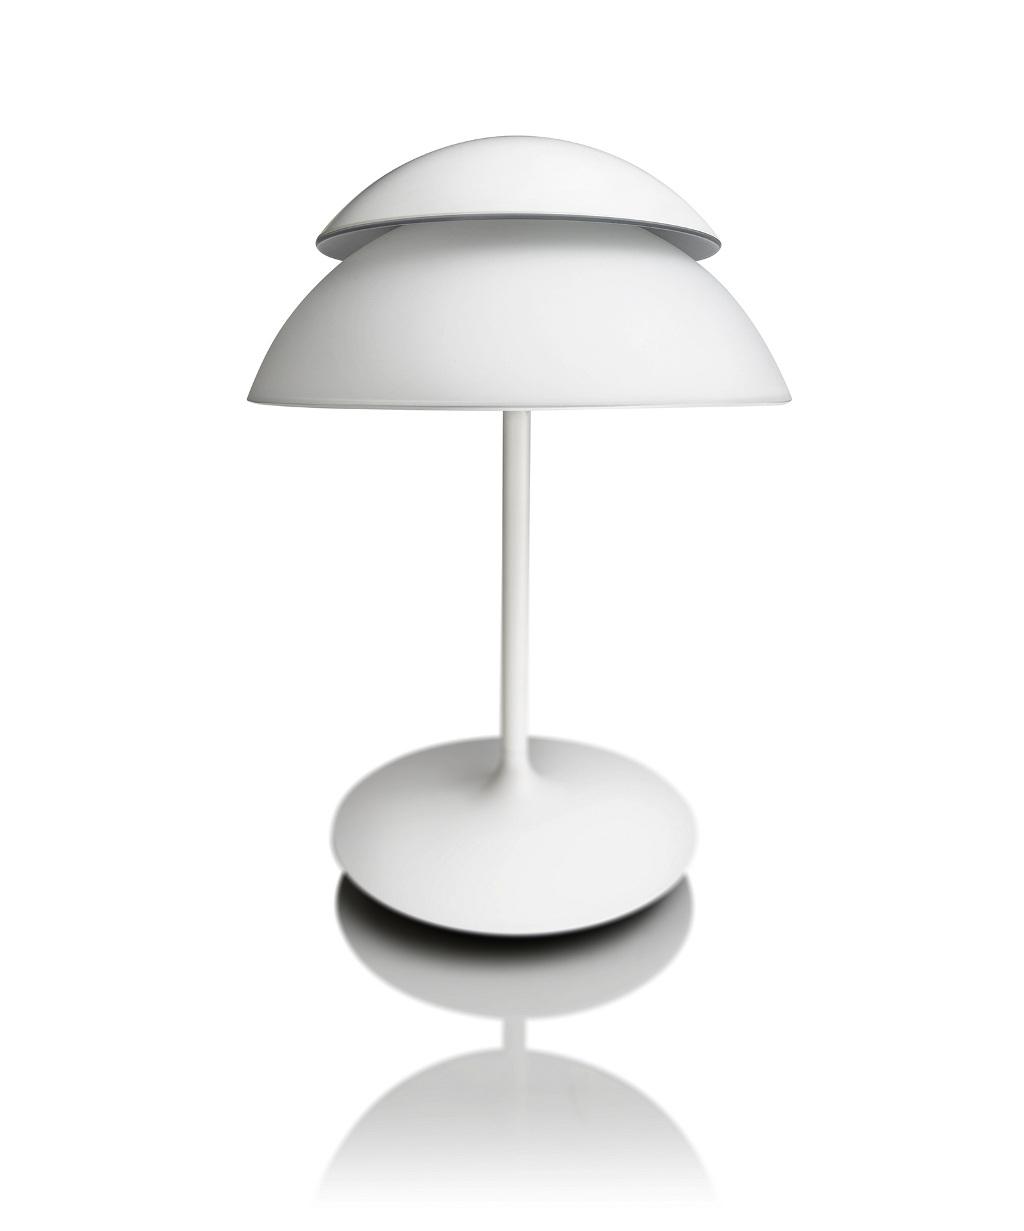 app f hige hue beyond l sst zwei lichter mit einer lampe aufgehen. Black Bedroom Furniture Sets. Home Design Ideas